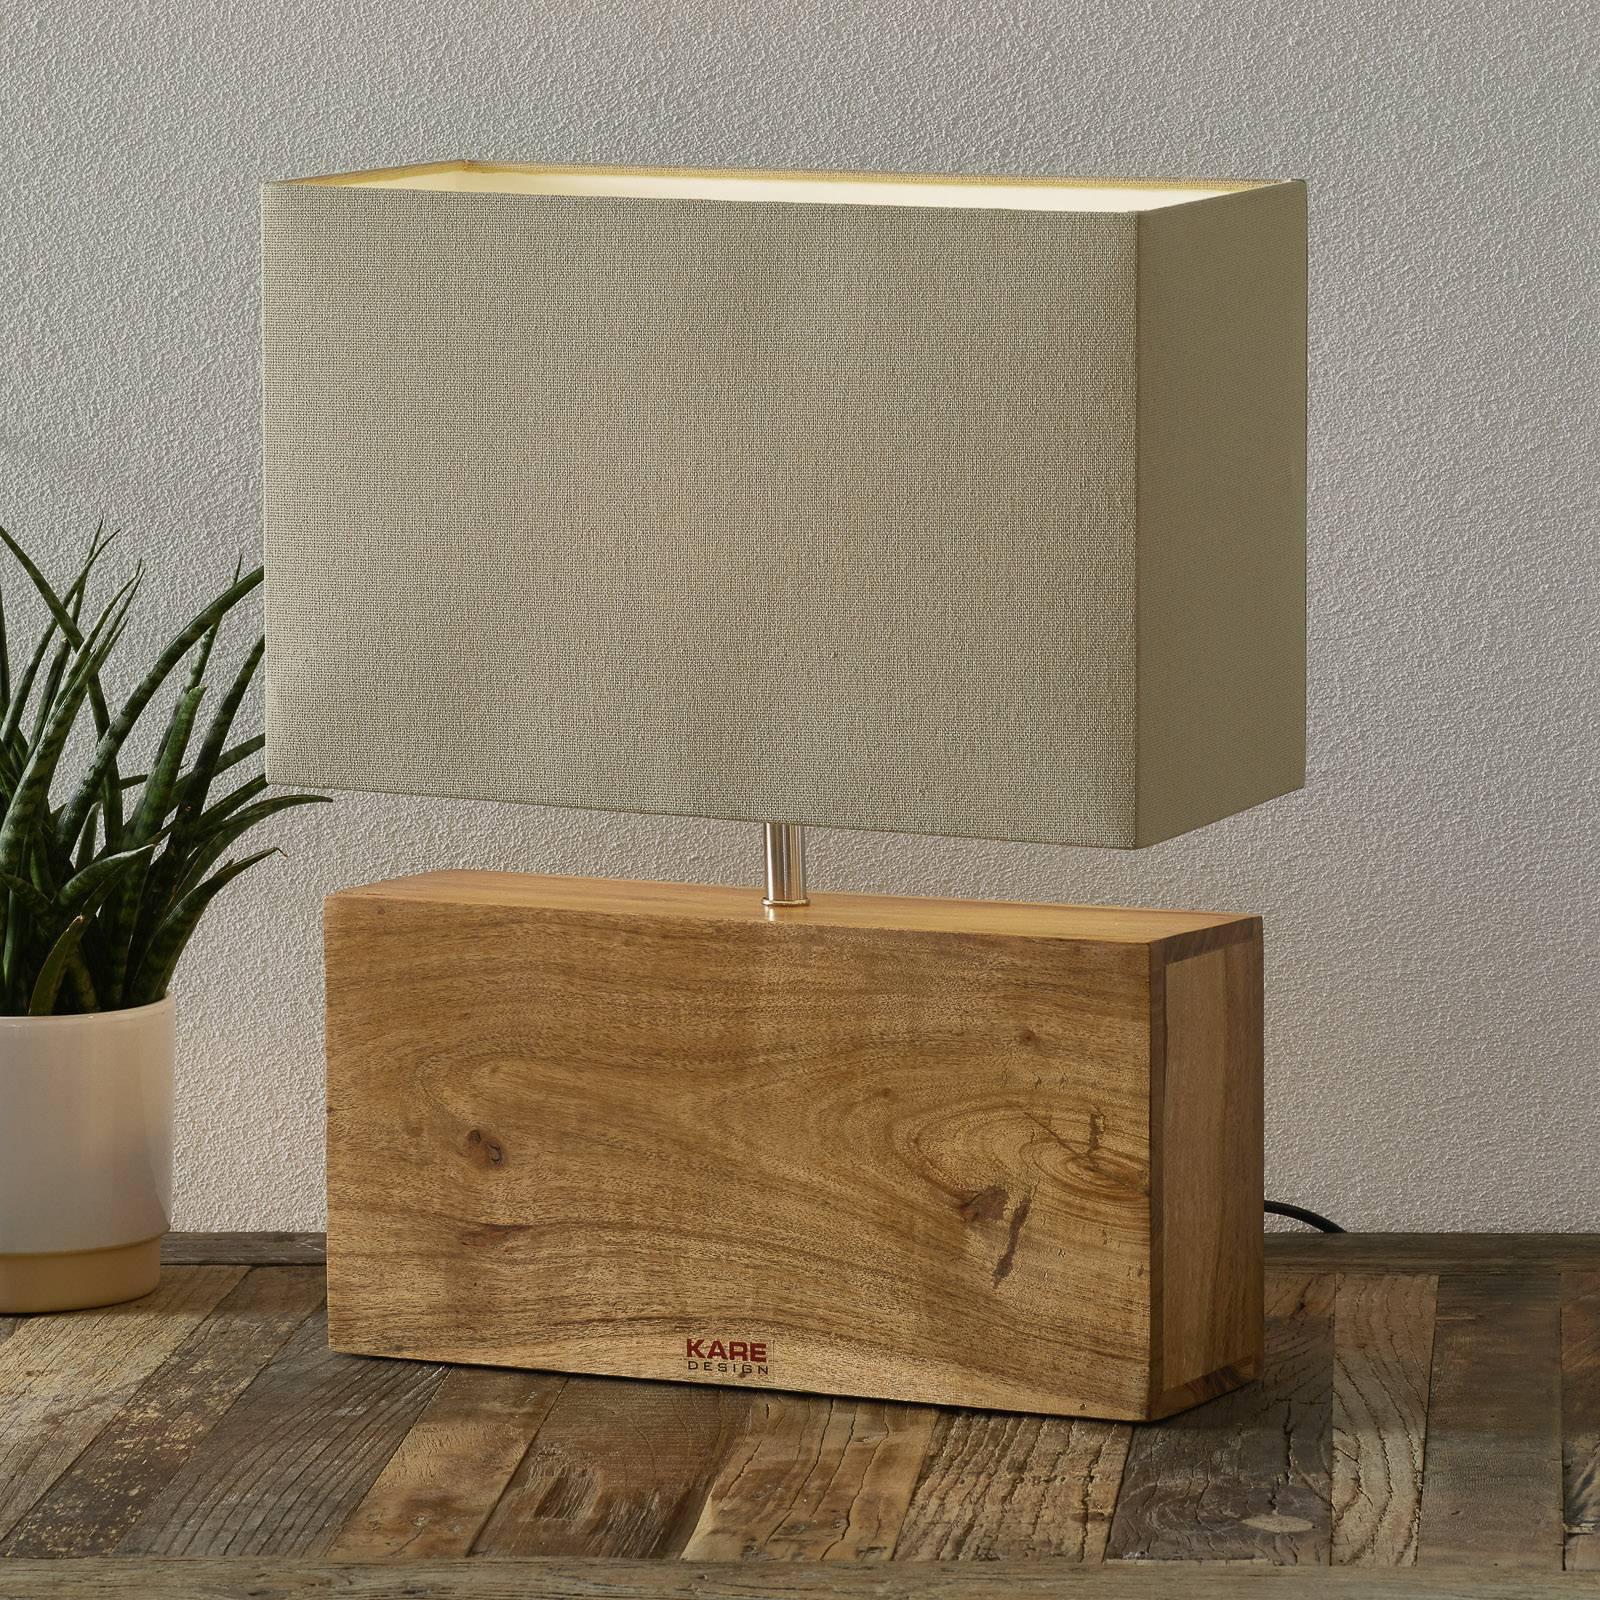 KARE Rectangular Wood - bordlampe med trefot